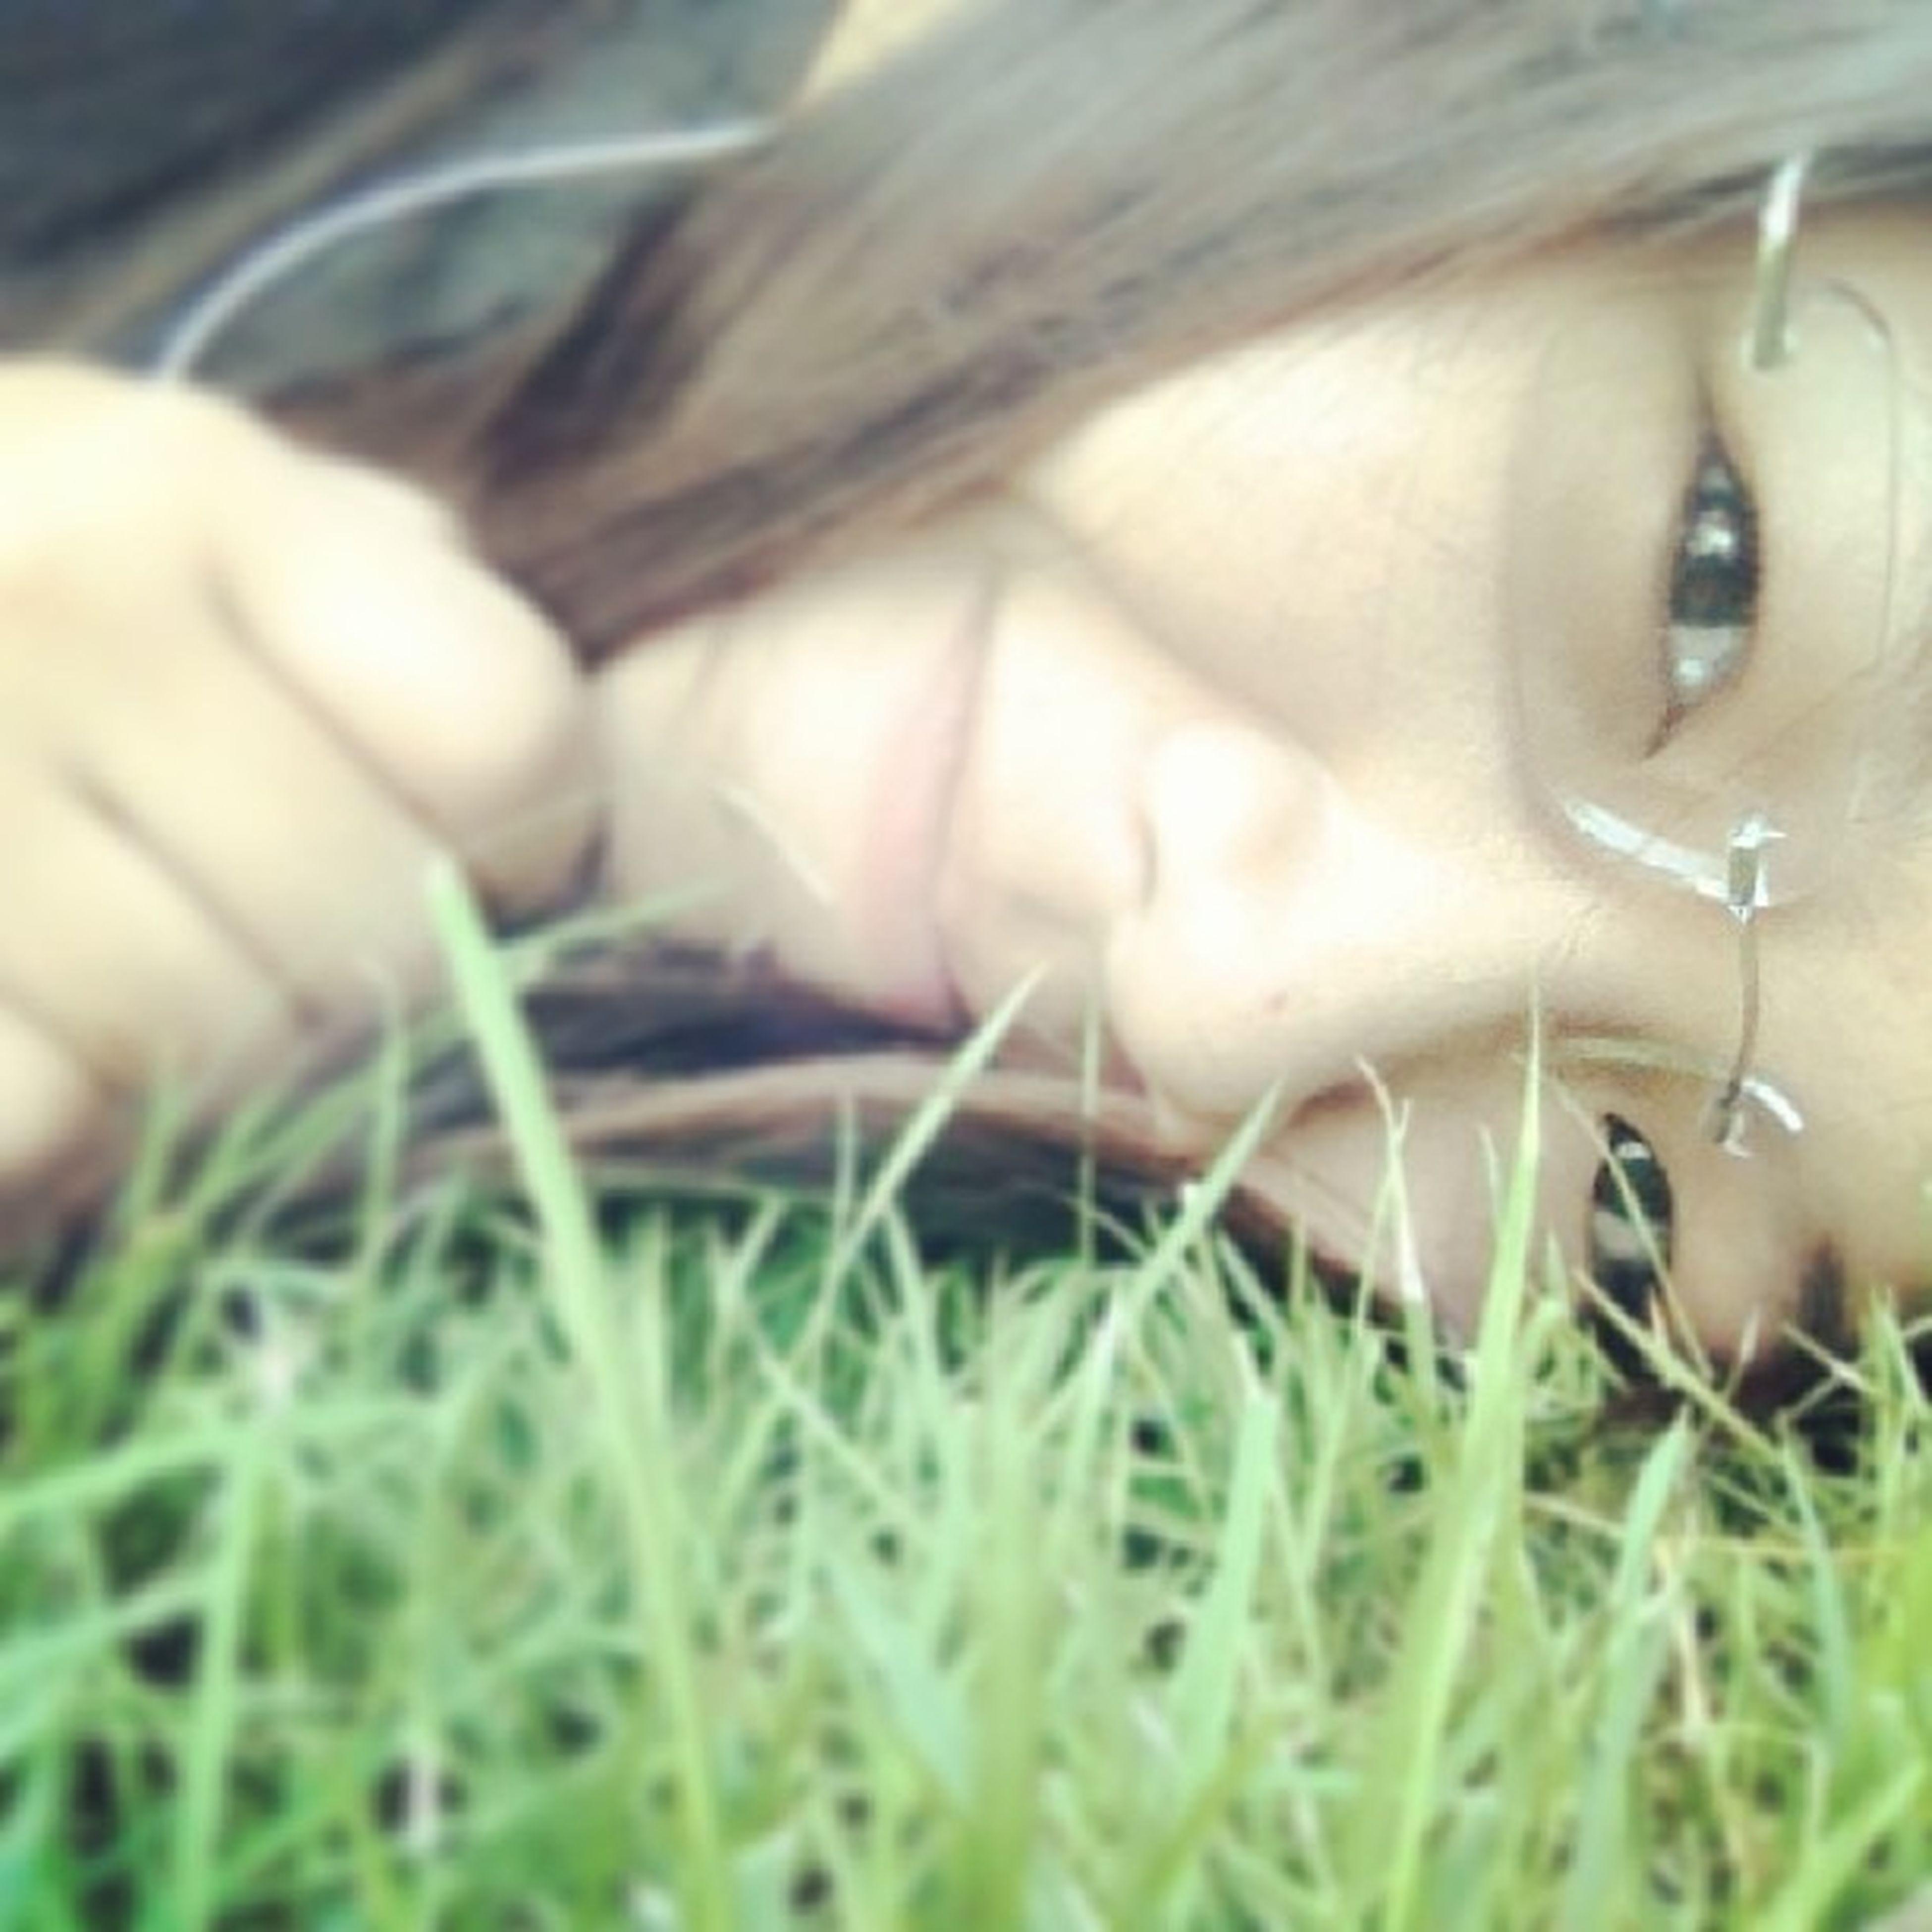 นอนมันกับหญ้านิแหละ ????